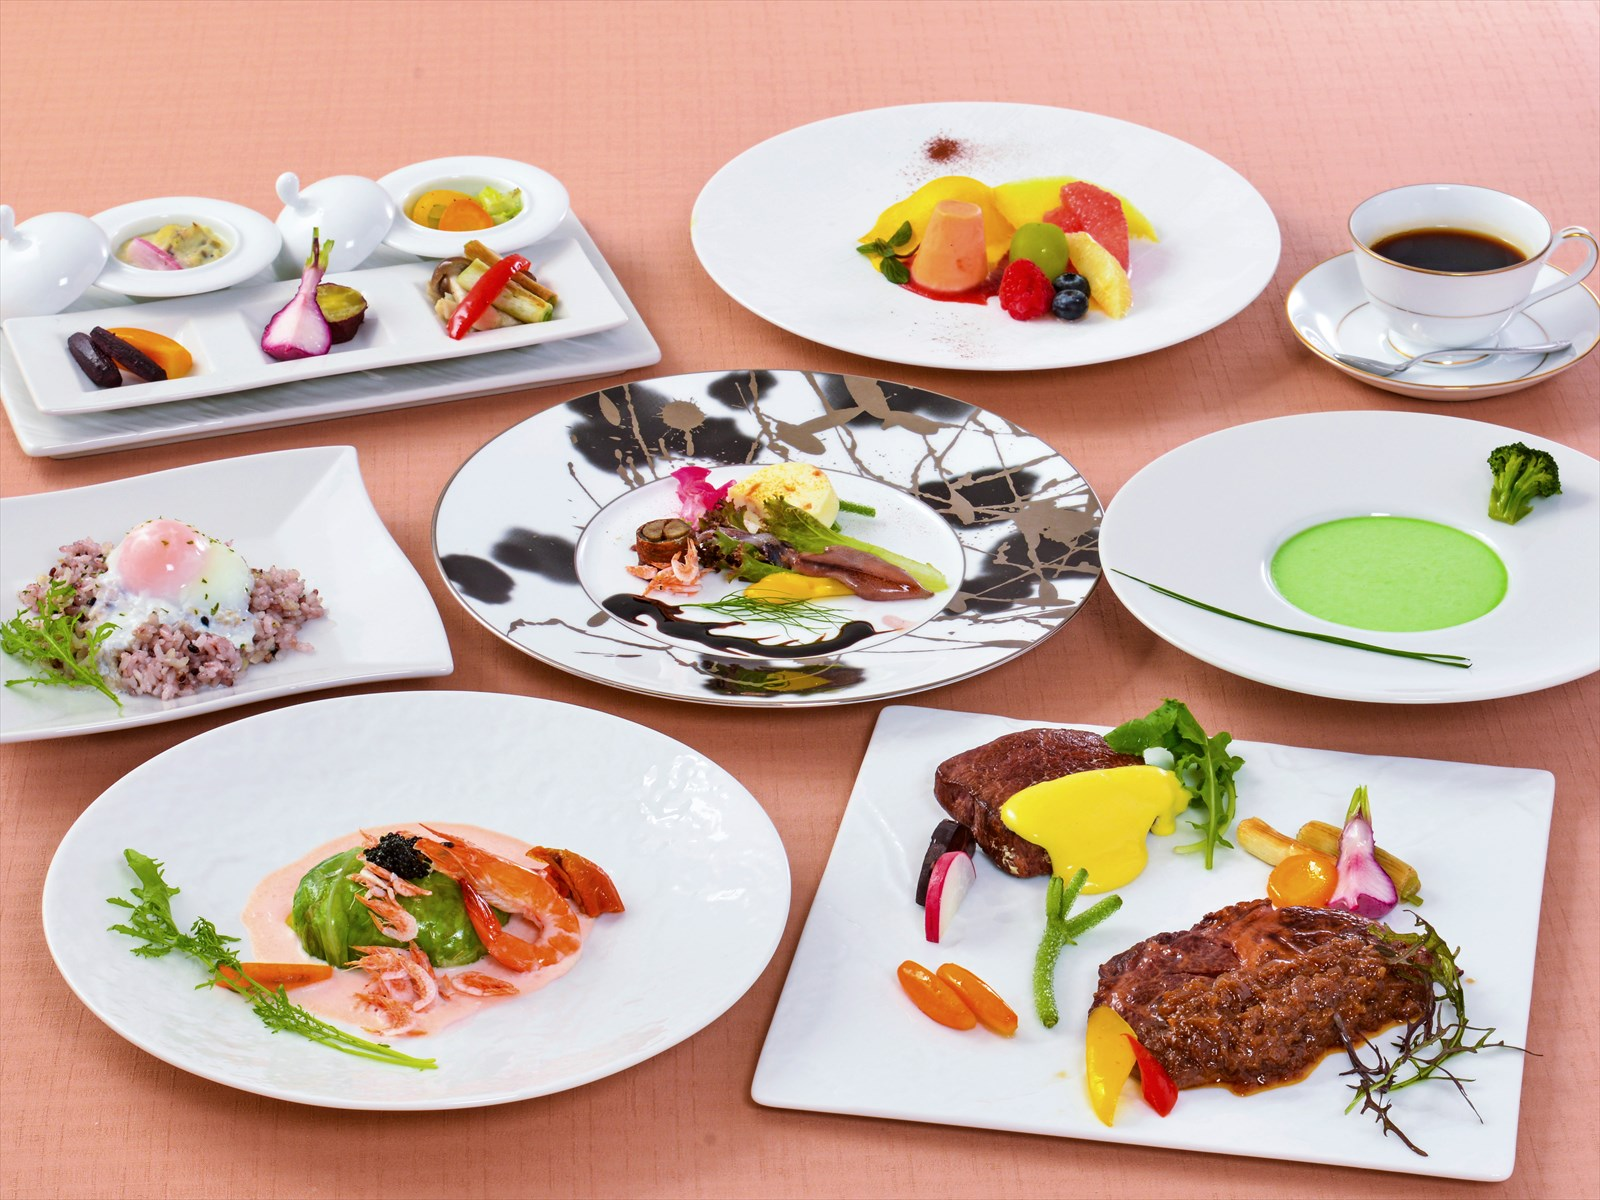 【夕食・朝食付】和牛フィレ肉のオランデーズと和牛ロースのシャリアピンの特撰コース|5月まで